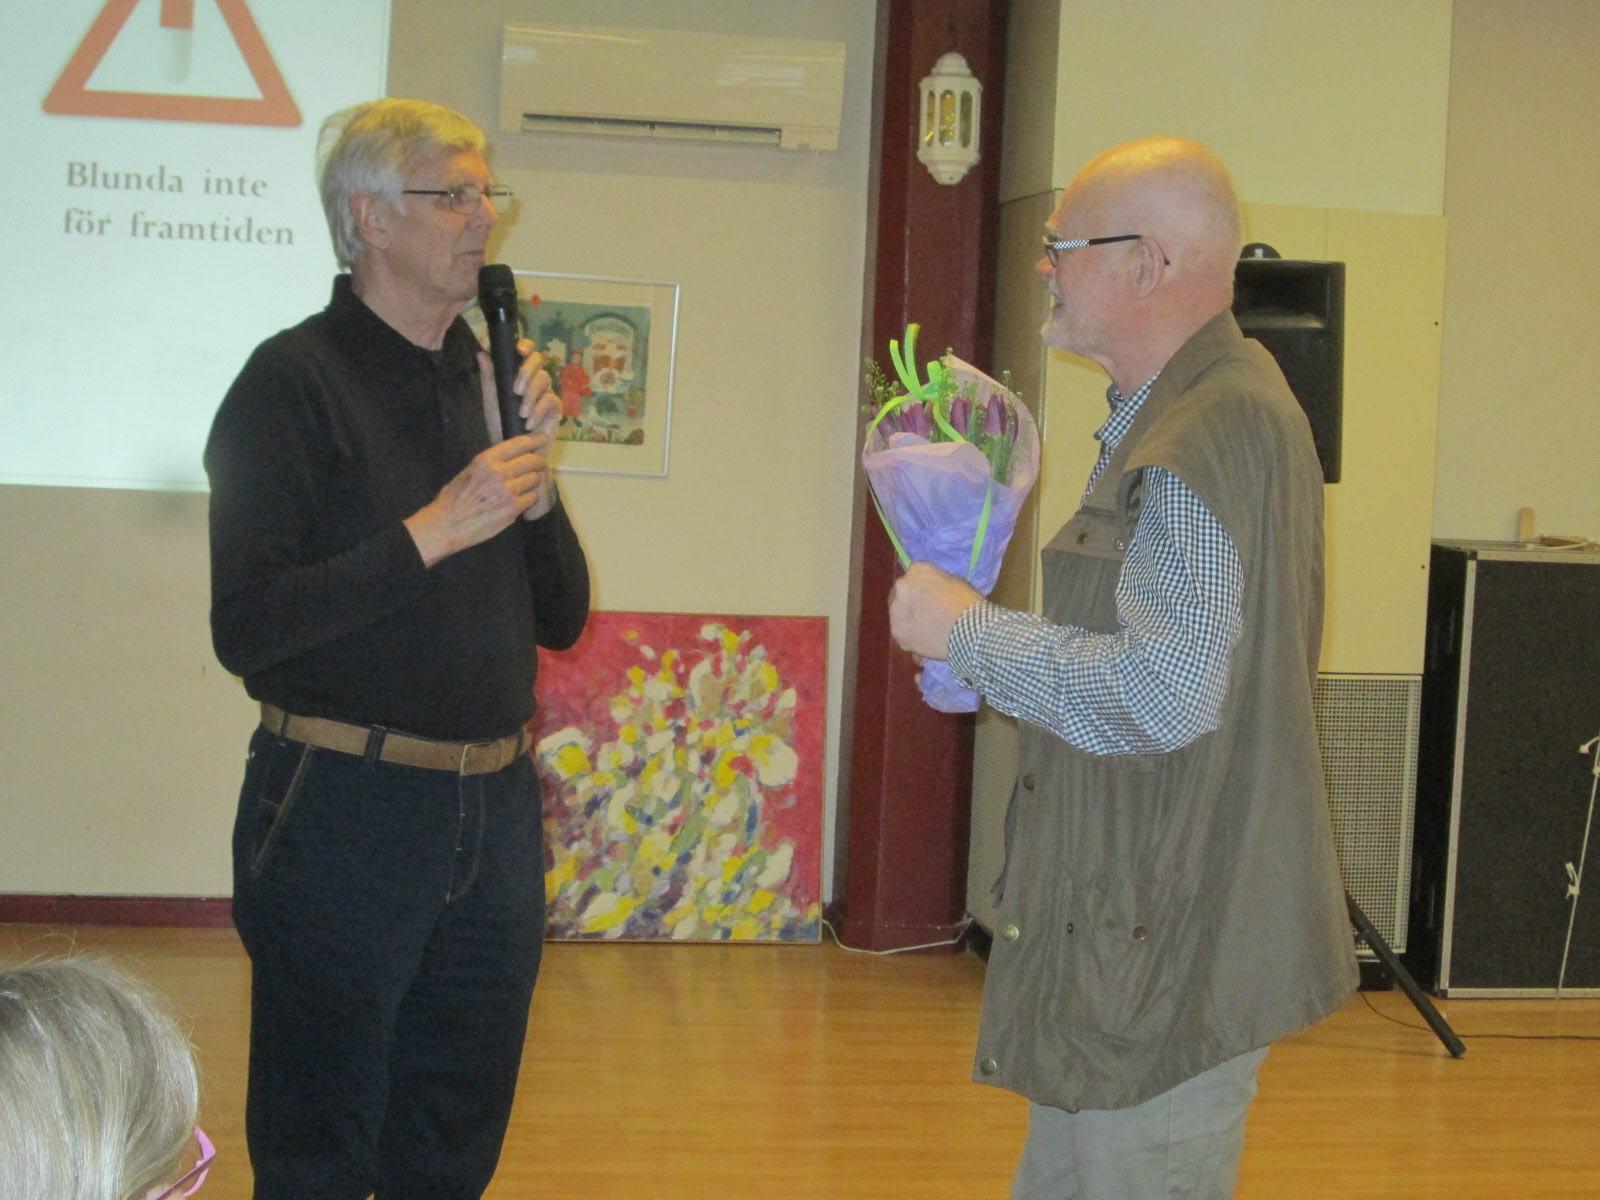 Claes avtackas med en blomma av ordf. Wolfgang